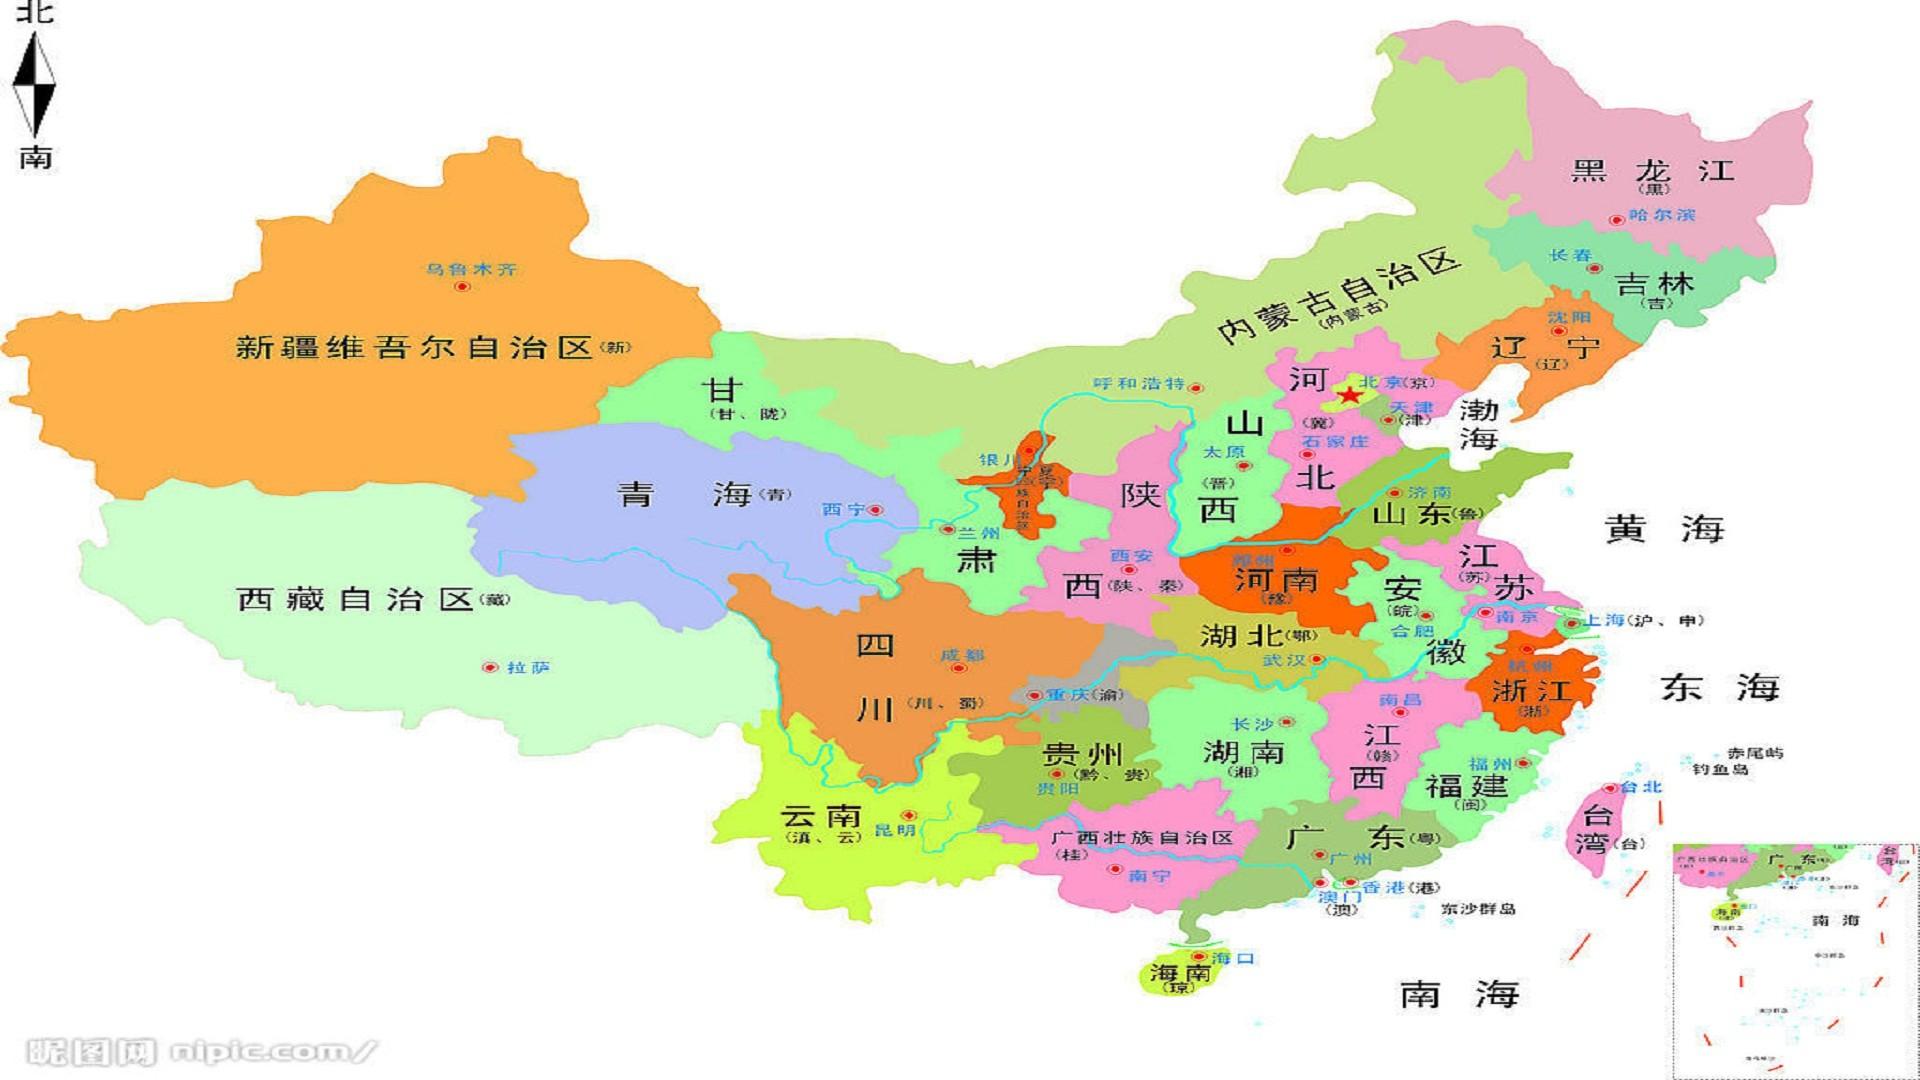 求一張1920*1080的中國地圖壁紙(要求有省份名稱和省會城市名就可以了